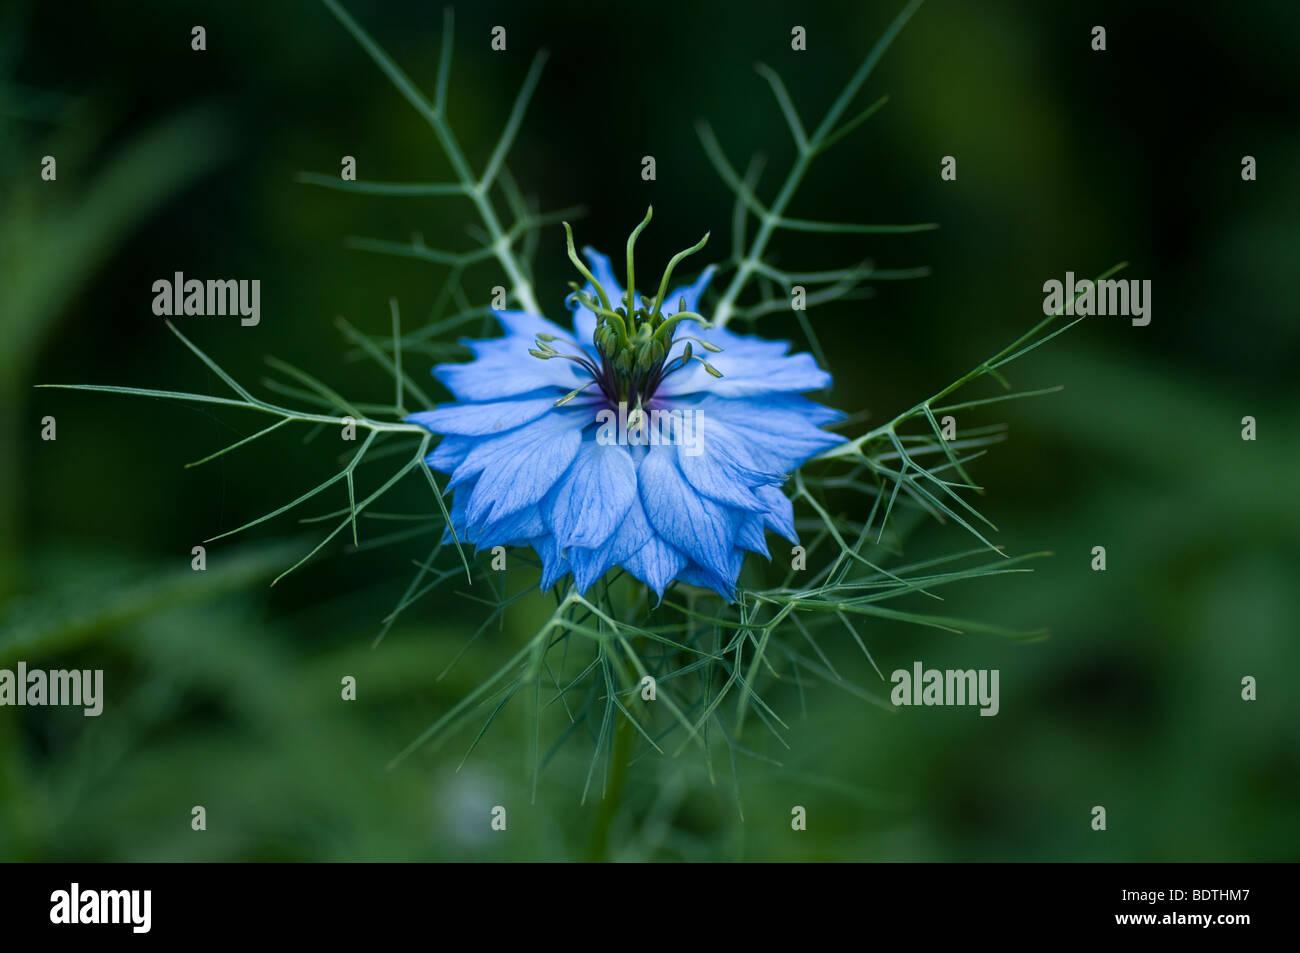 Nigella Damascena Love-in-a-mist einzelne Blume mit detail Stockfoto